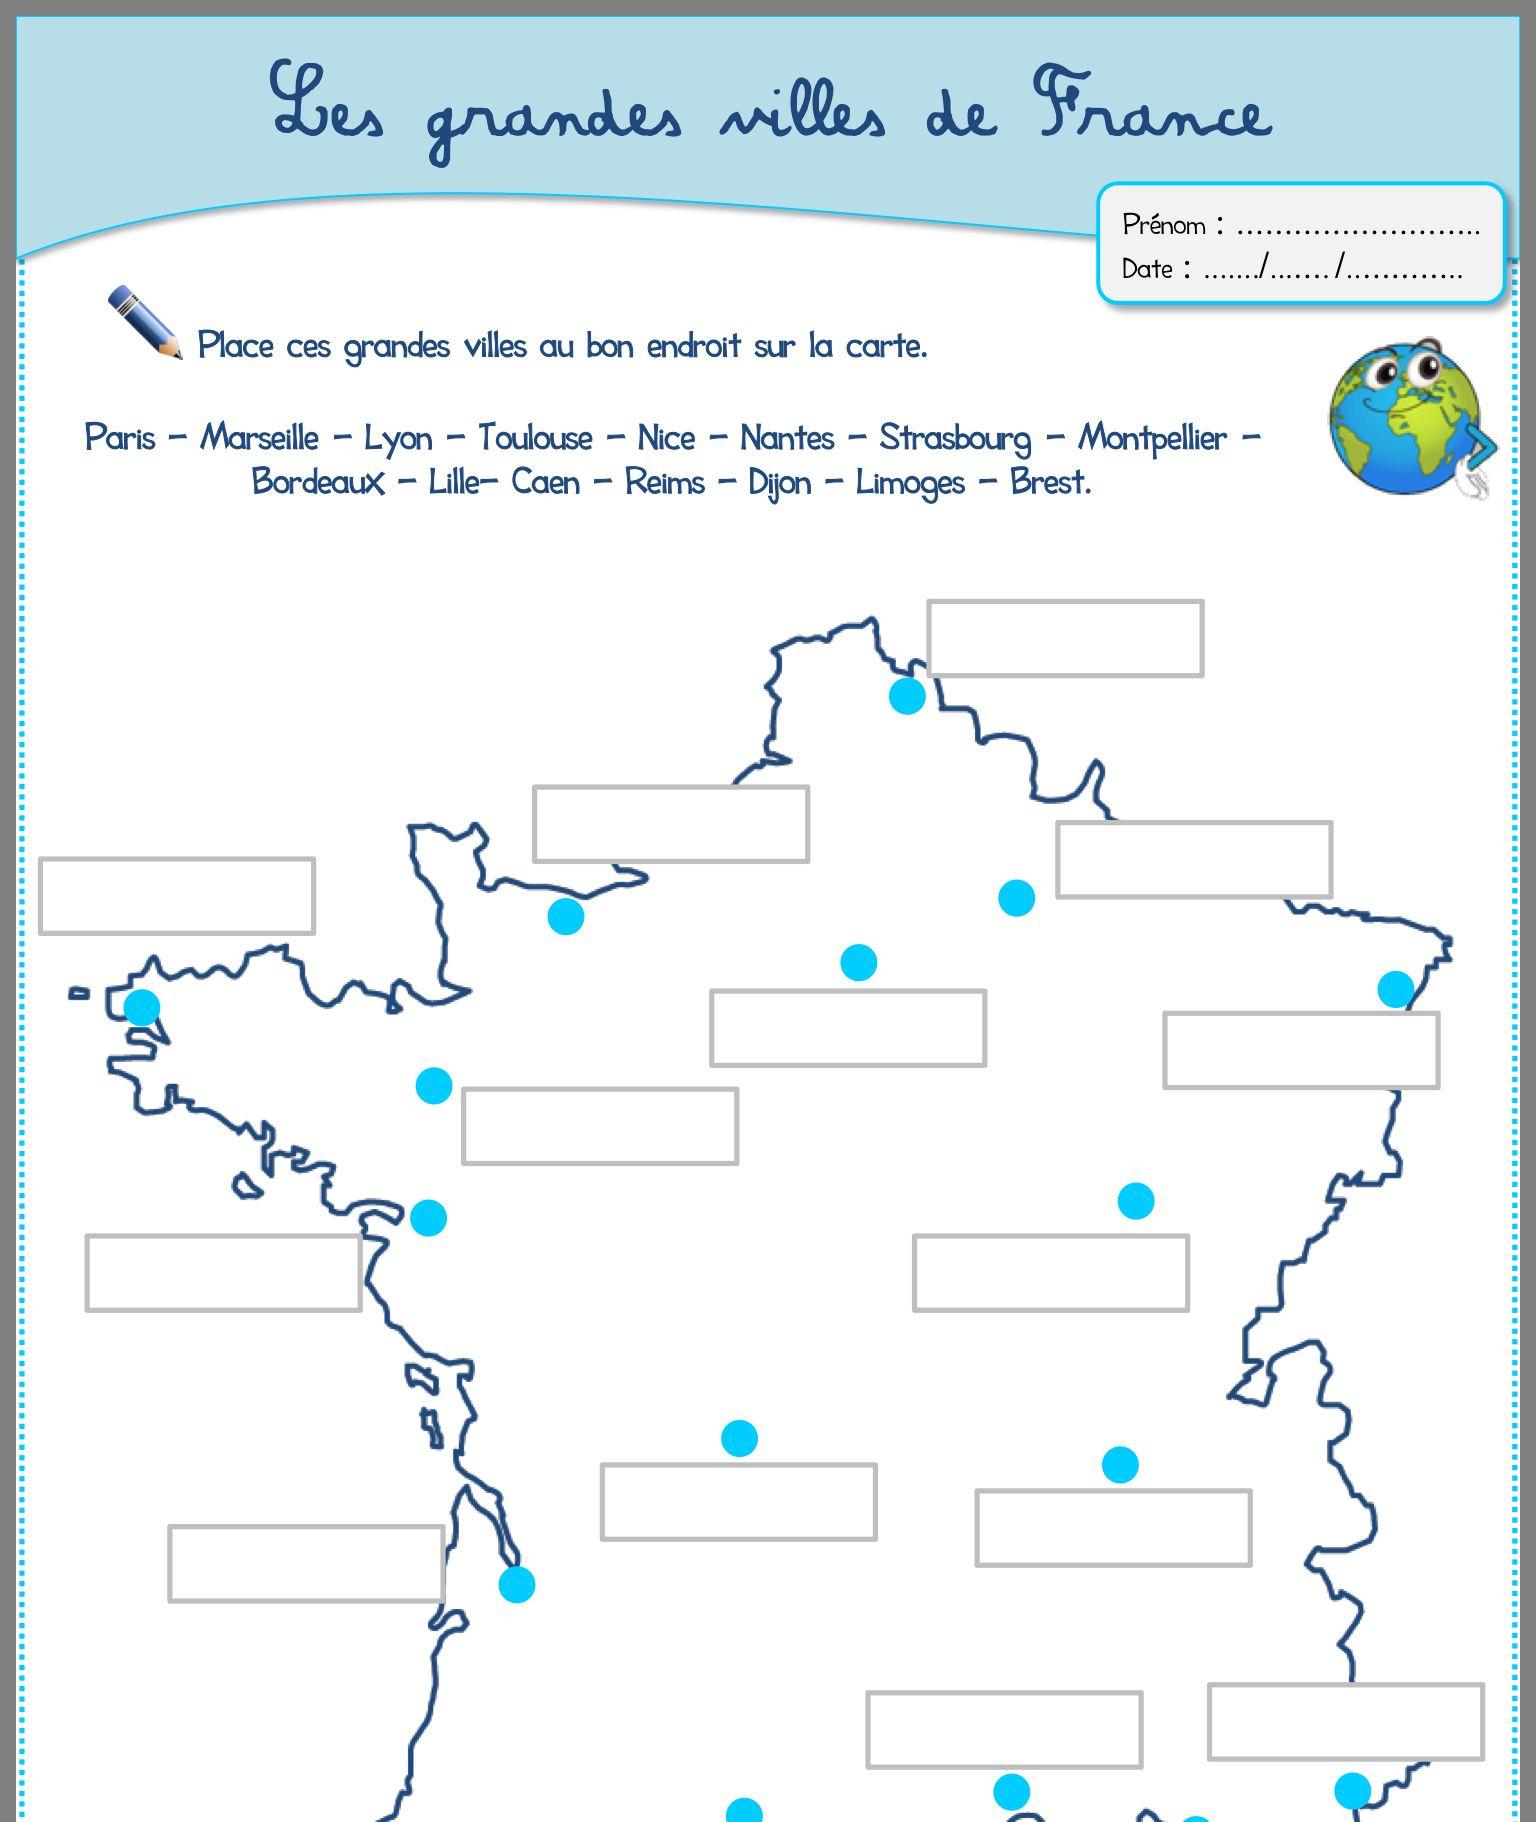 Les Grandes Villes En France | Ville France, Géographie intérieur Carte De France Avec Grandes Villes